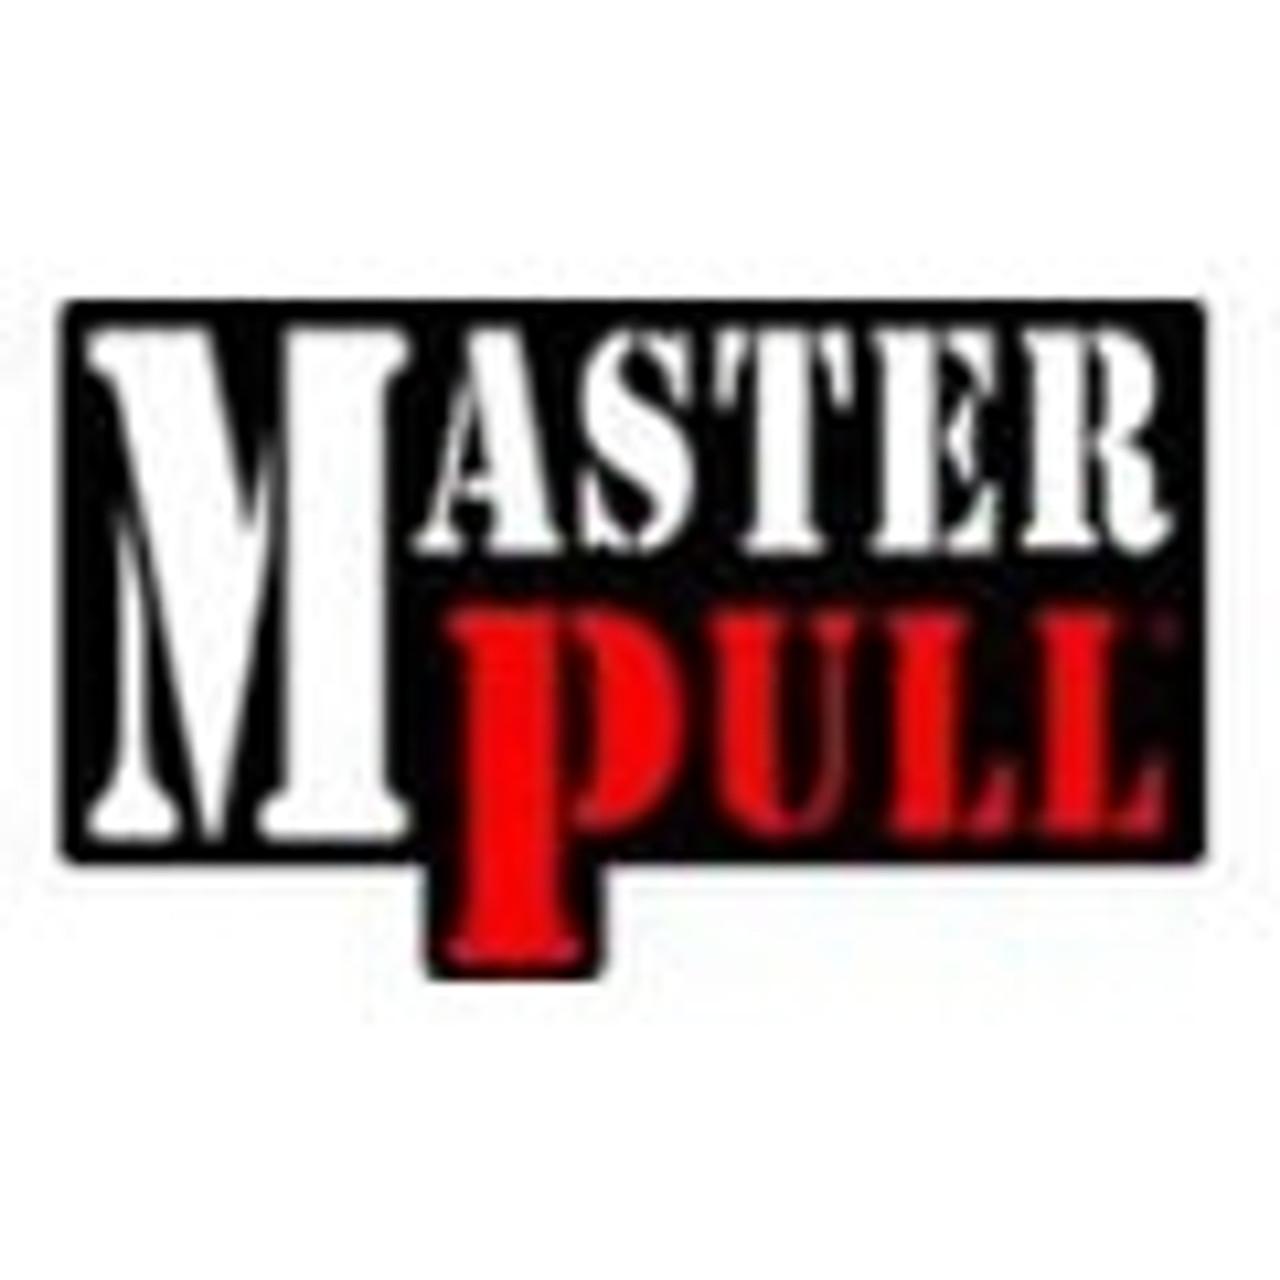 Master Pull